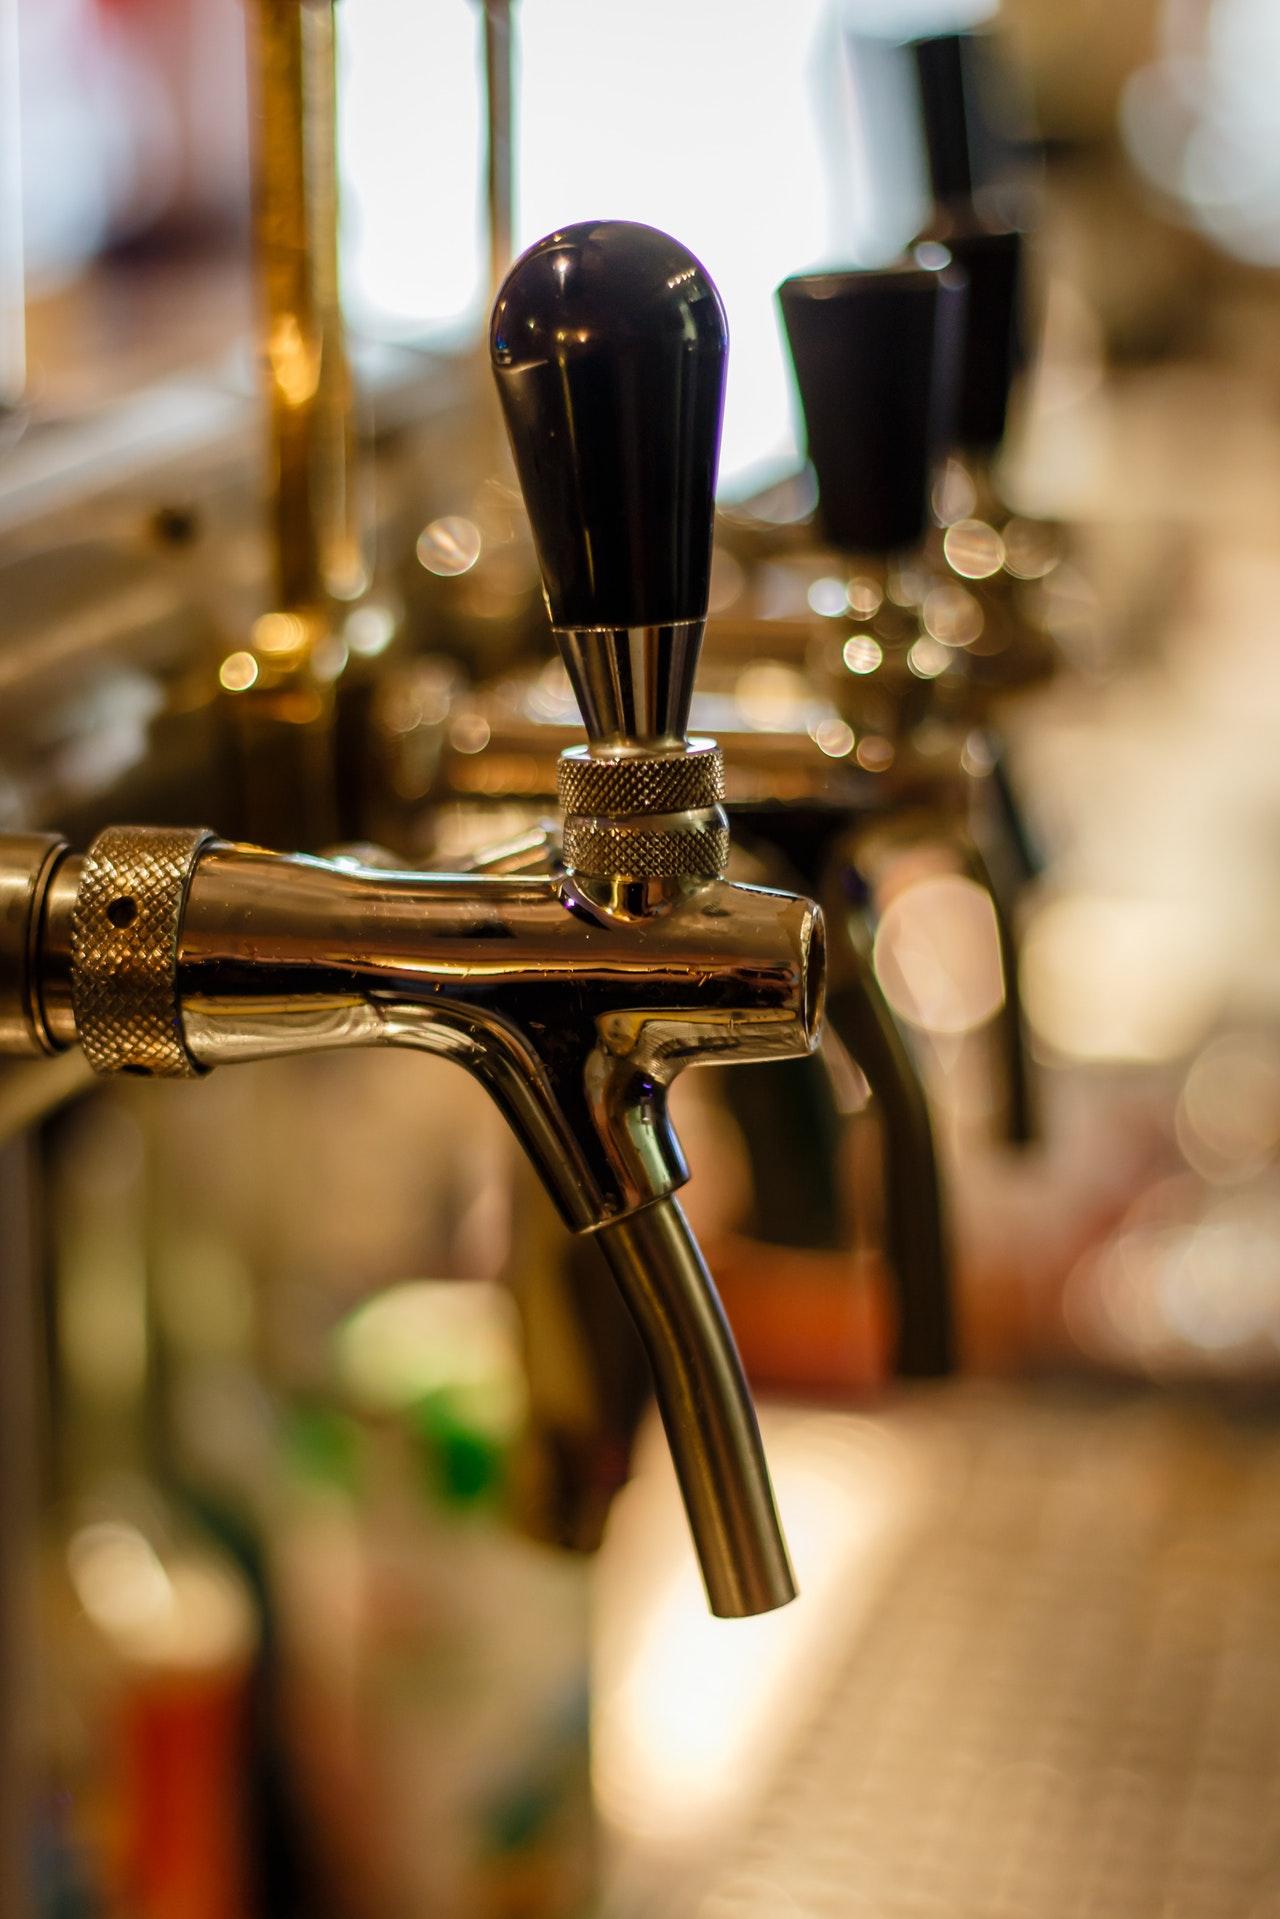 bar-bartender-beer-blur-221029